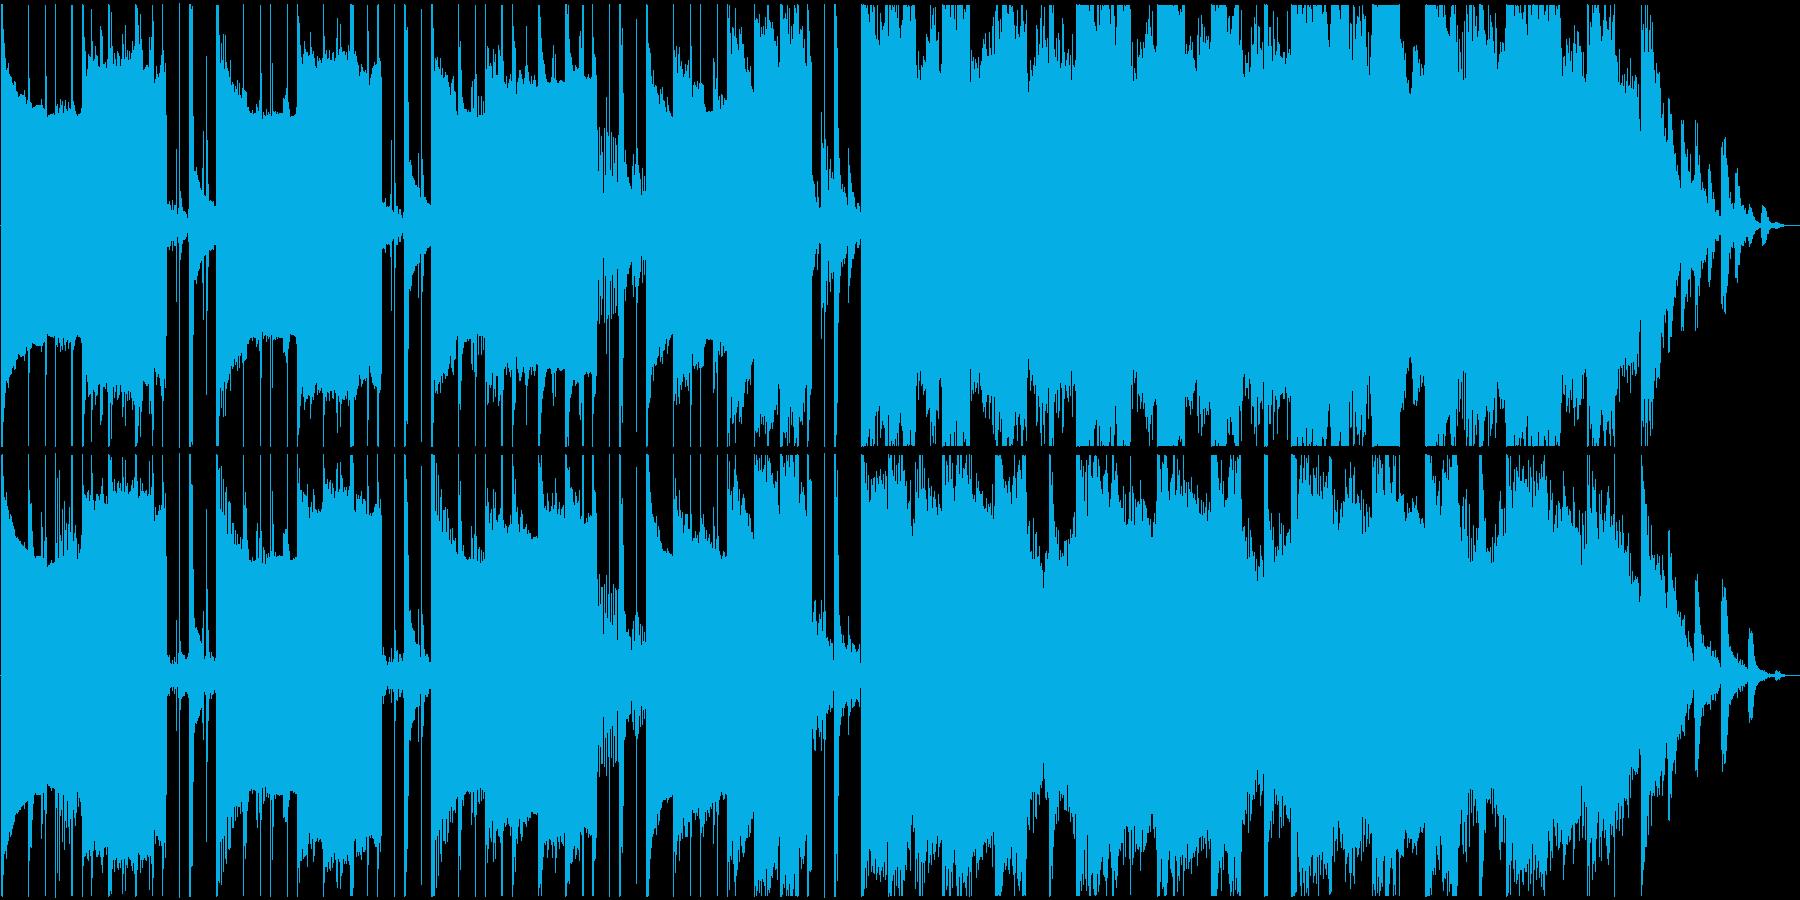 異次元空間に迷い込んだようなBGMの再生済みの波形